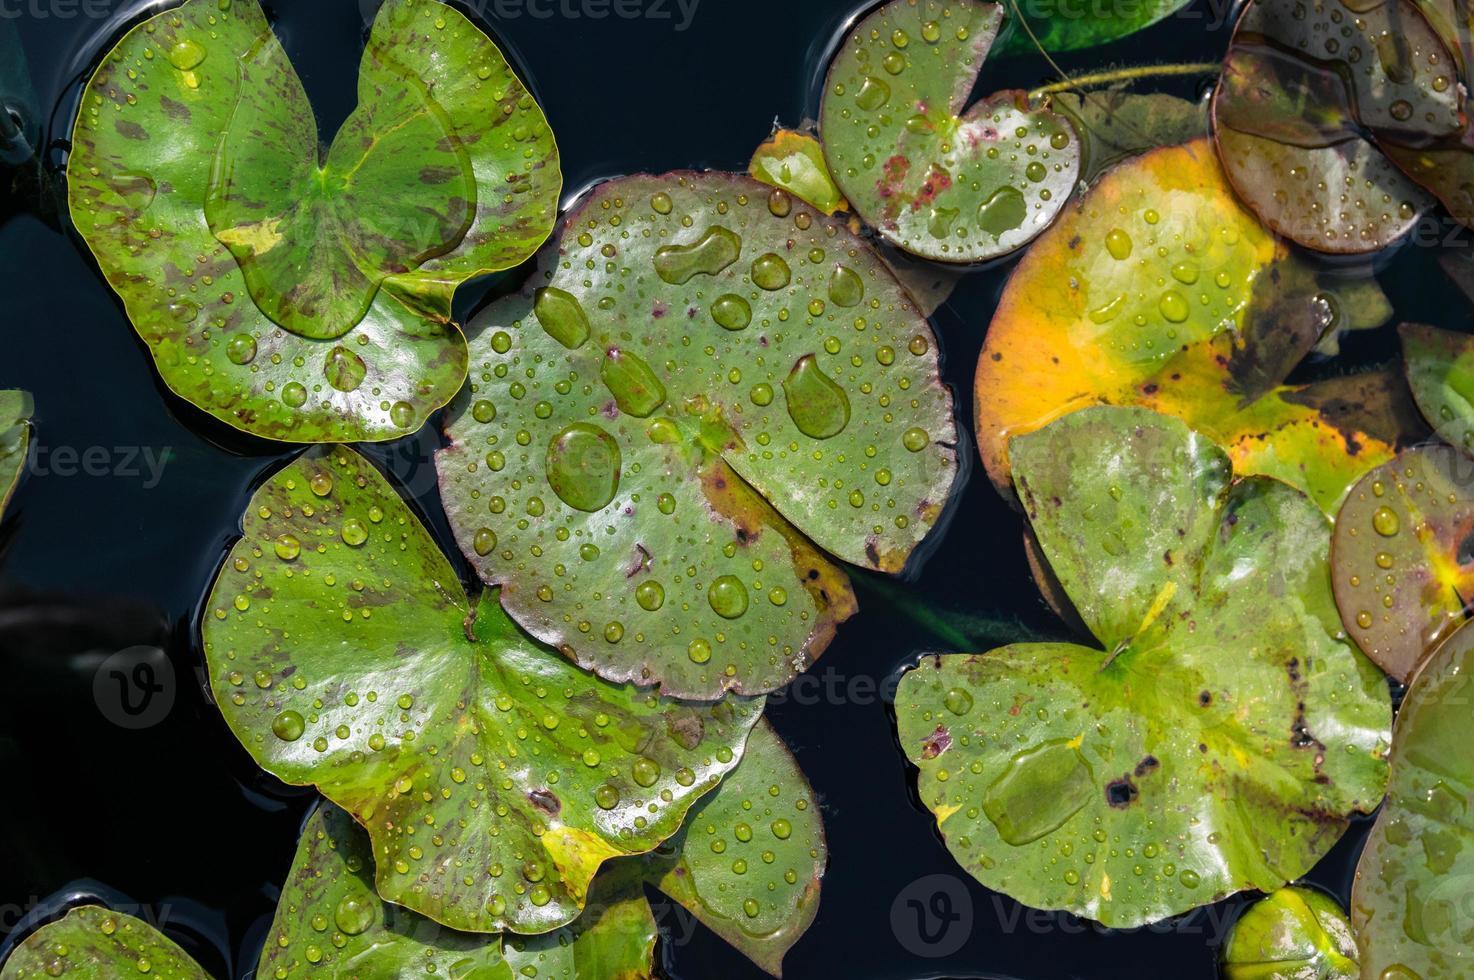 waterlelies met waterdruppels foto